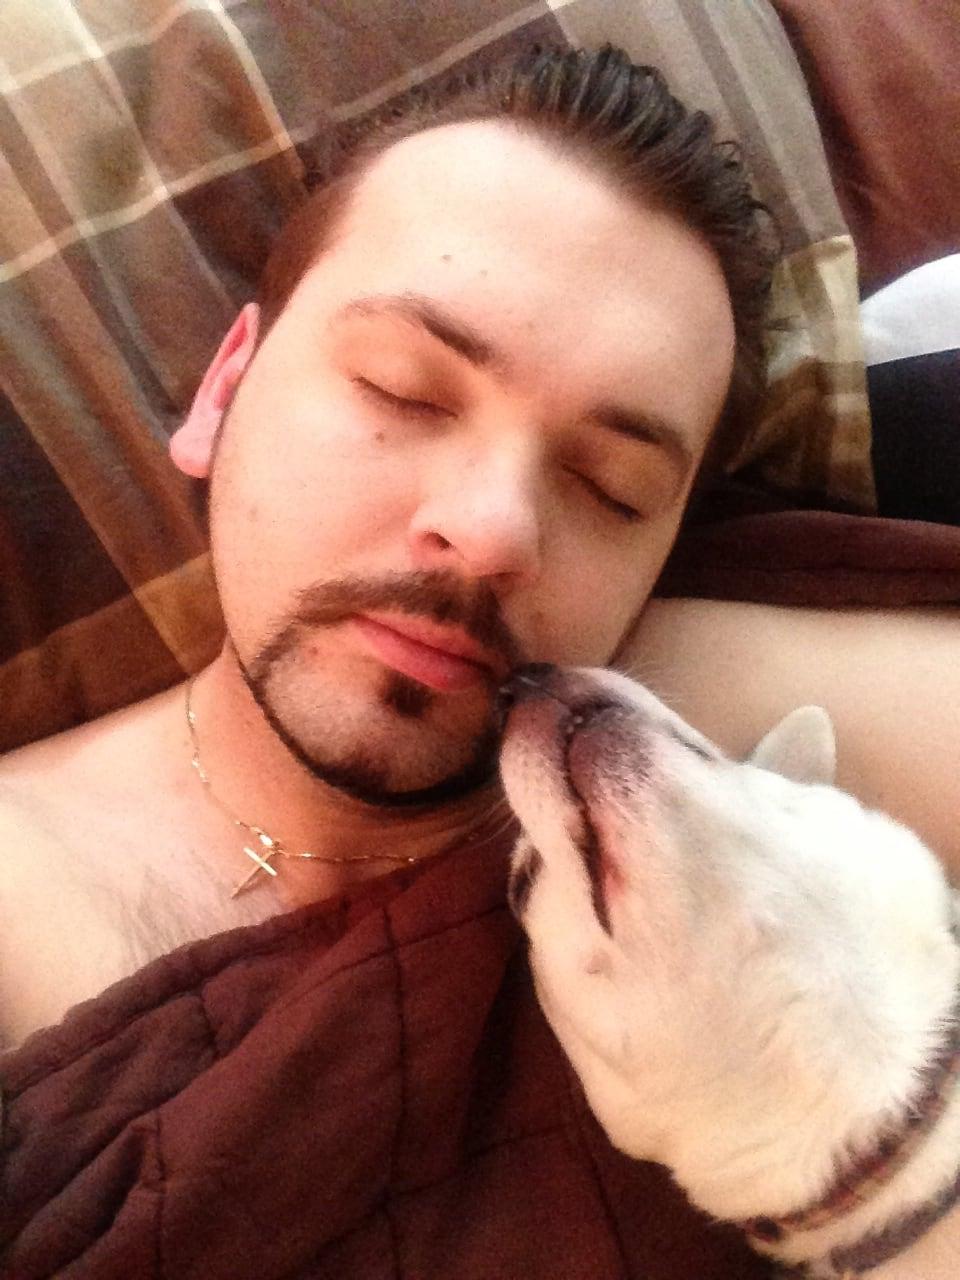 4tkk0ta - Мужчина поделился трогательными фото своего пса, который каждый день ждал его у окна. Целых 11 лет